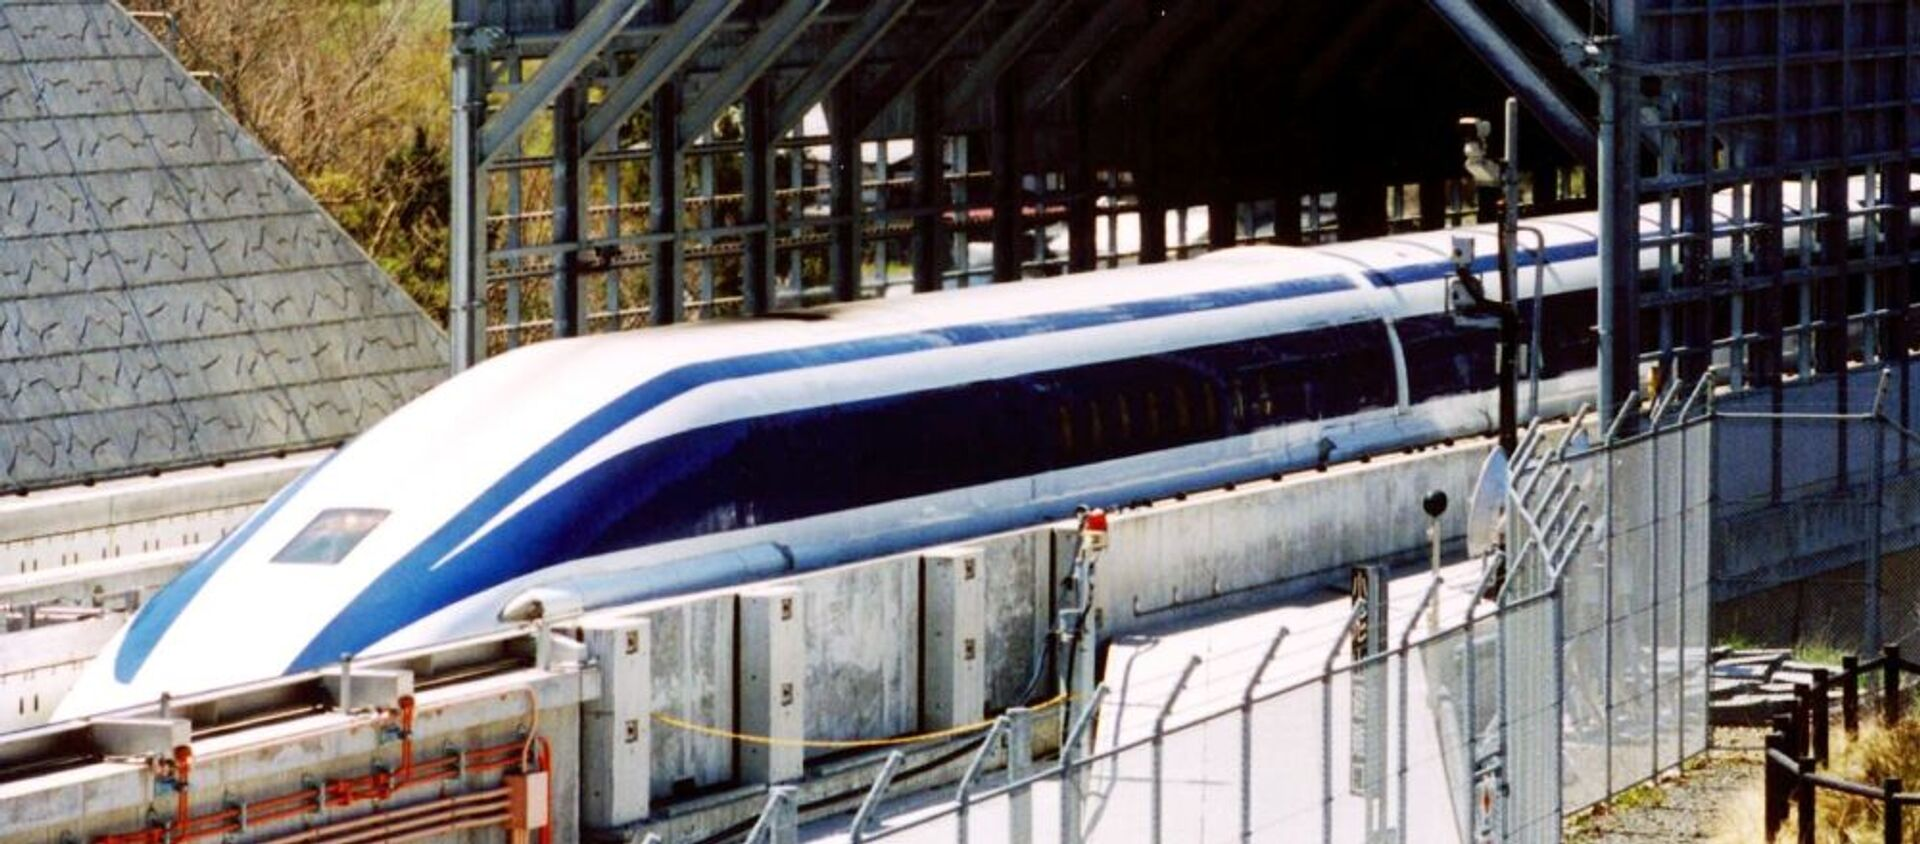 Đường sắt tốc độ Nhật Bản - Sputnik Việt Nam, 1920, 29.03.2021